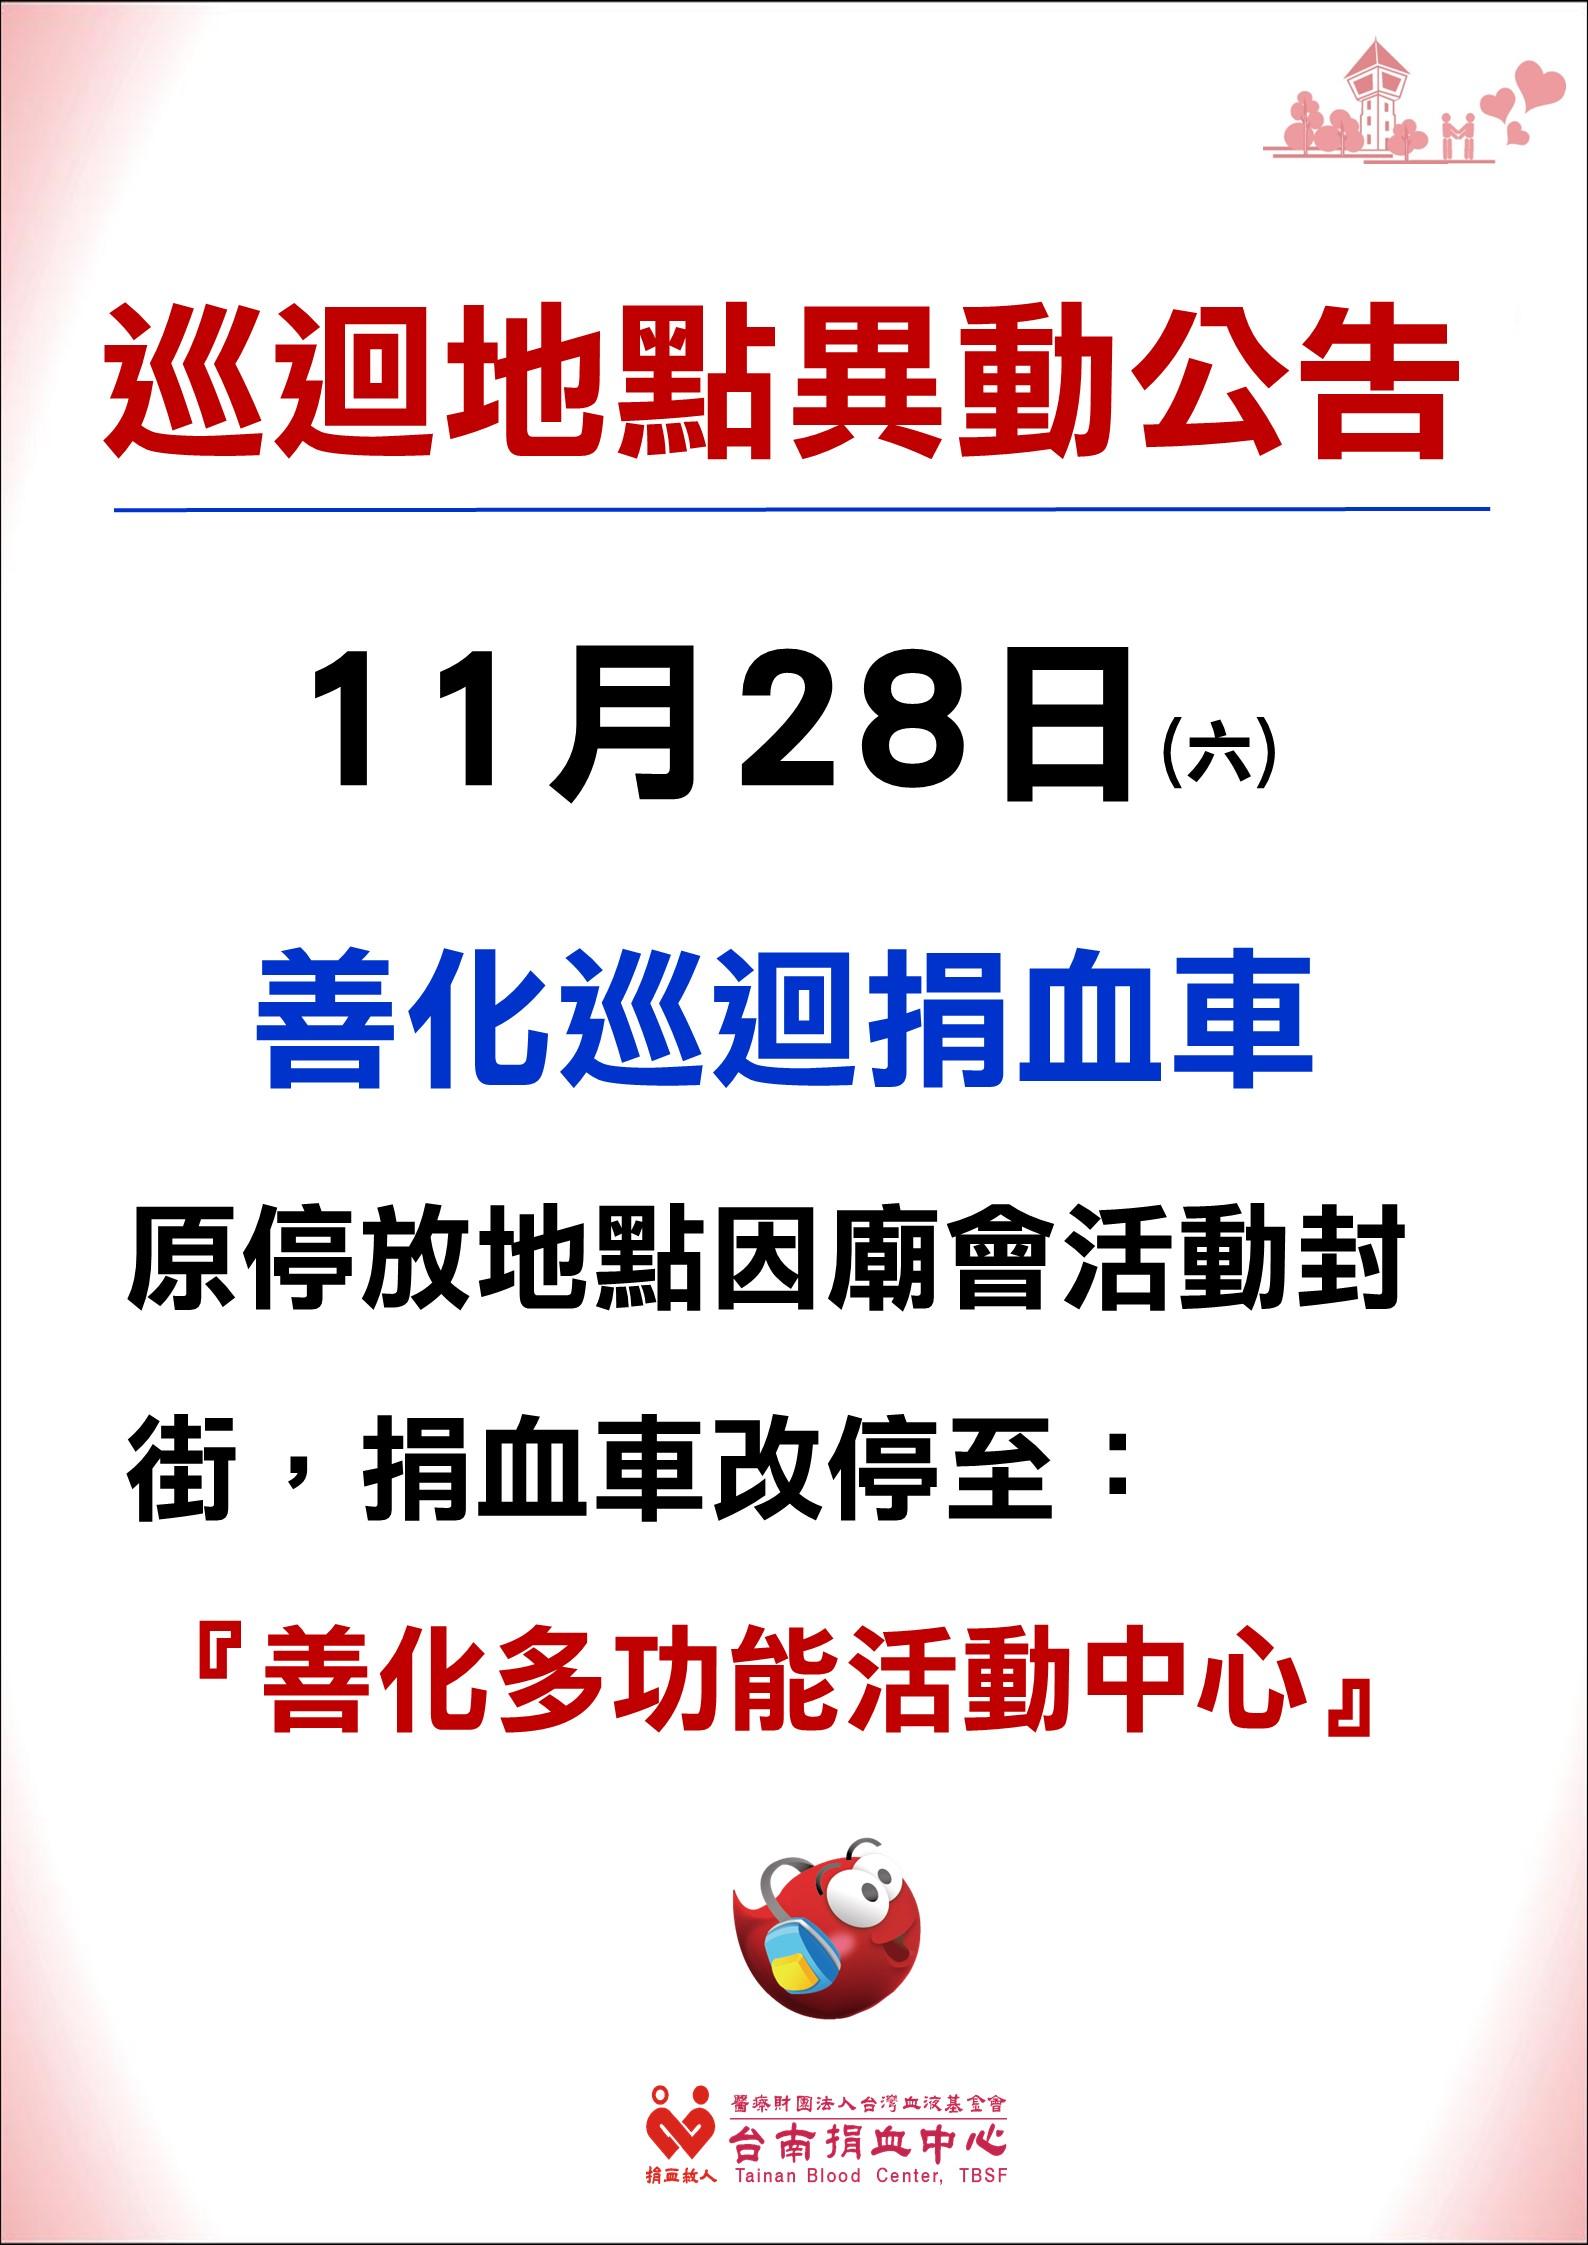 【巡迴地點異動公告】11/28善化巡迴捐血車,地點改至:多功能活動中心